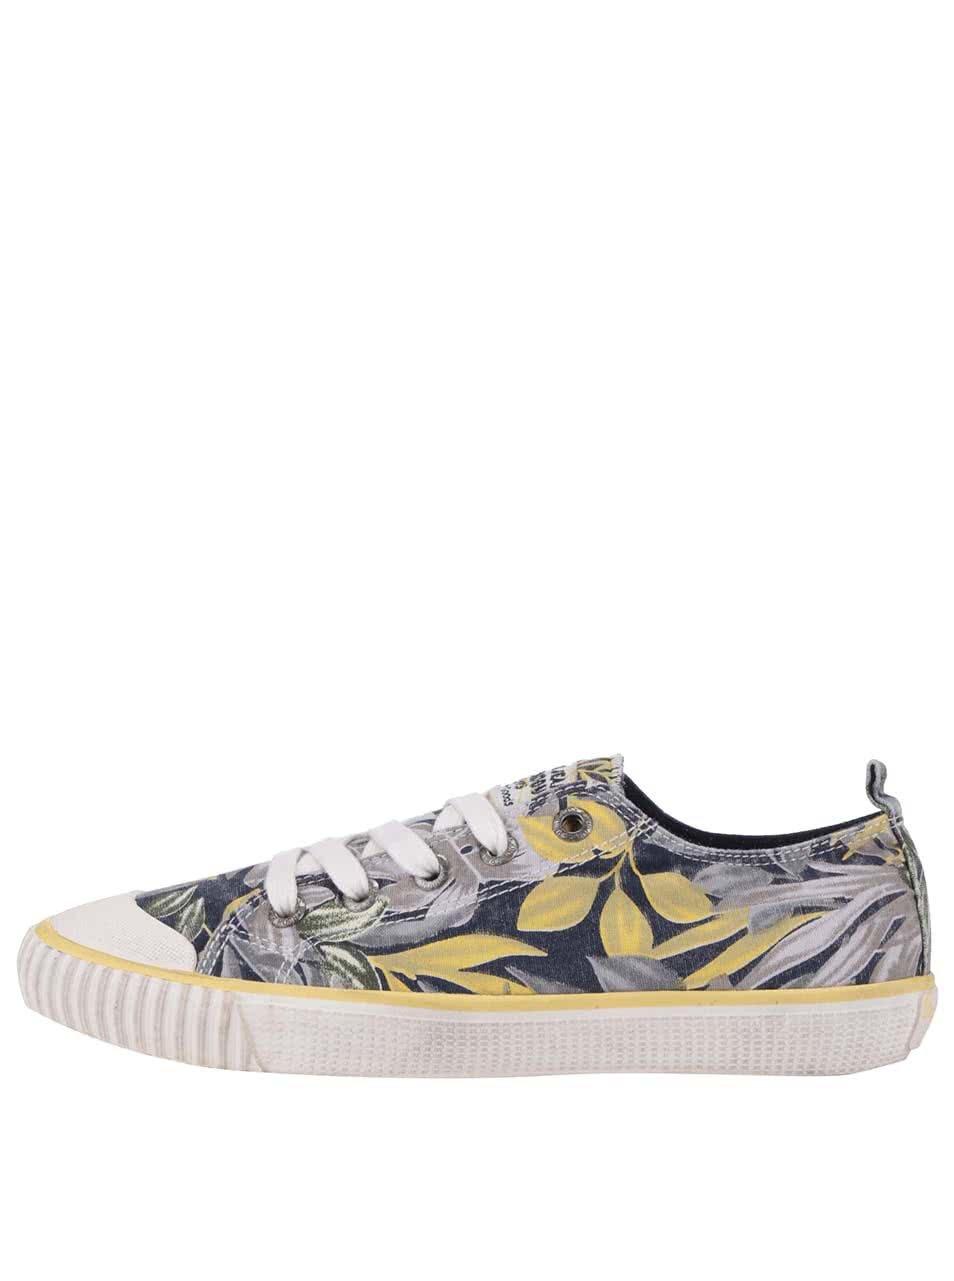 Žluto-modré dámské květované tenisky Pepe Jeans 29165b4eab4